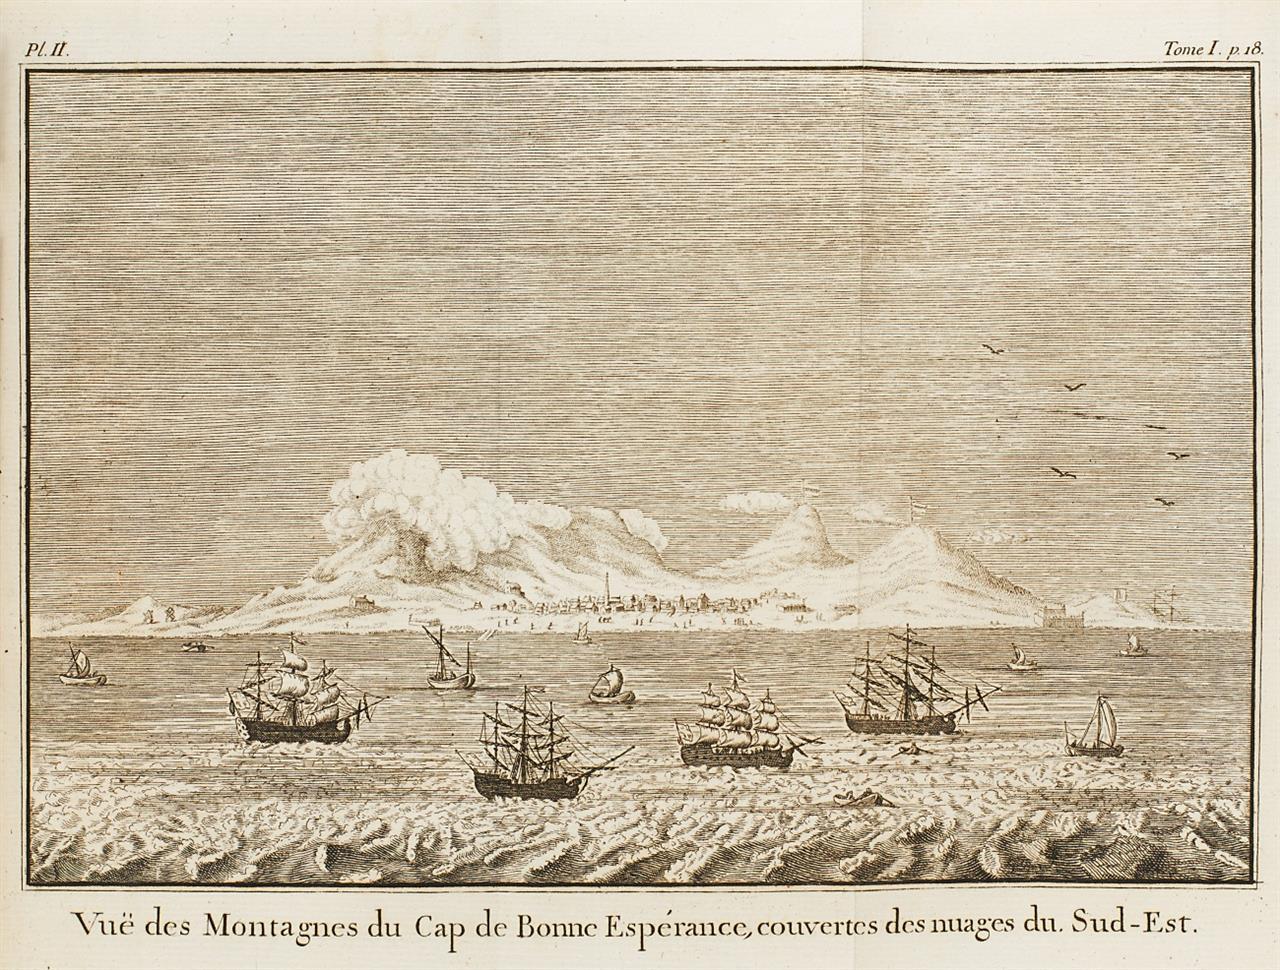 F. Levaillant, Voyage dans l'interieur de l'Afrique. 2 Bde. Lüttich 1790.